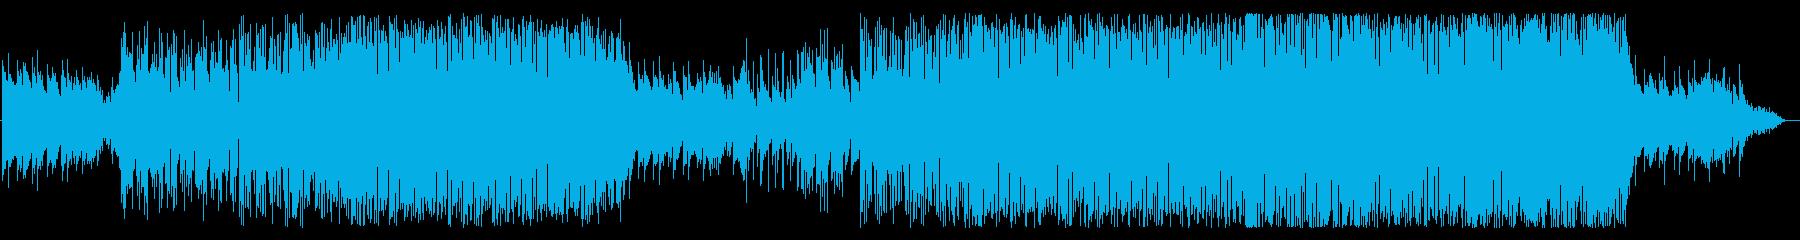 洋楽感ある王道のトロピカルハウスの再生済みの波形